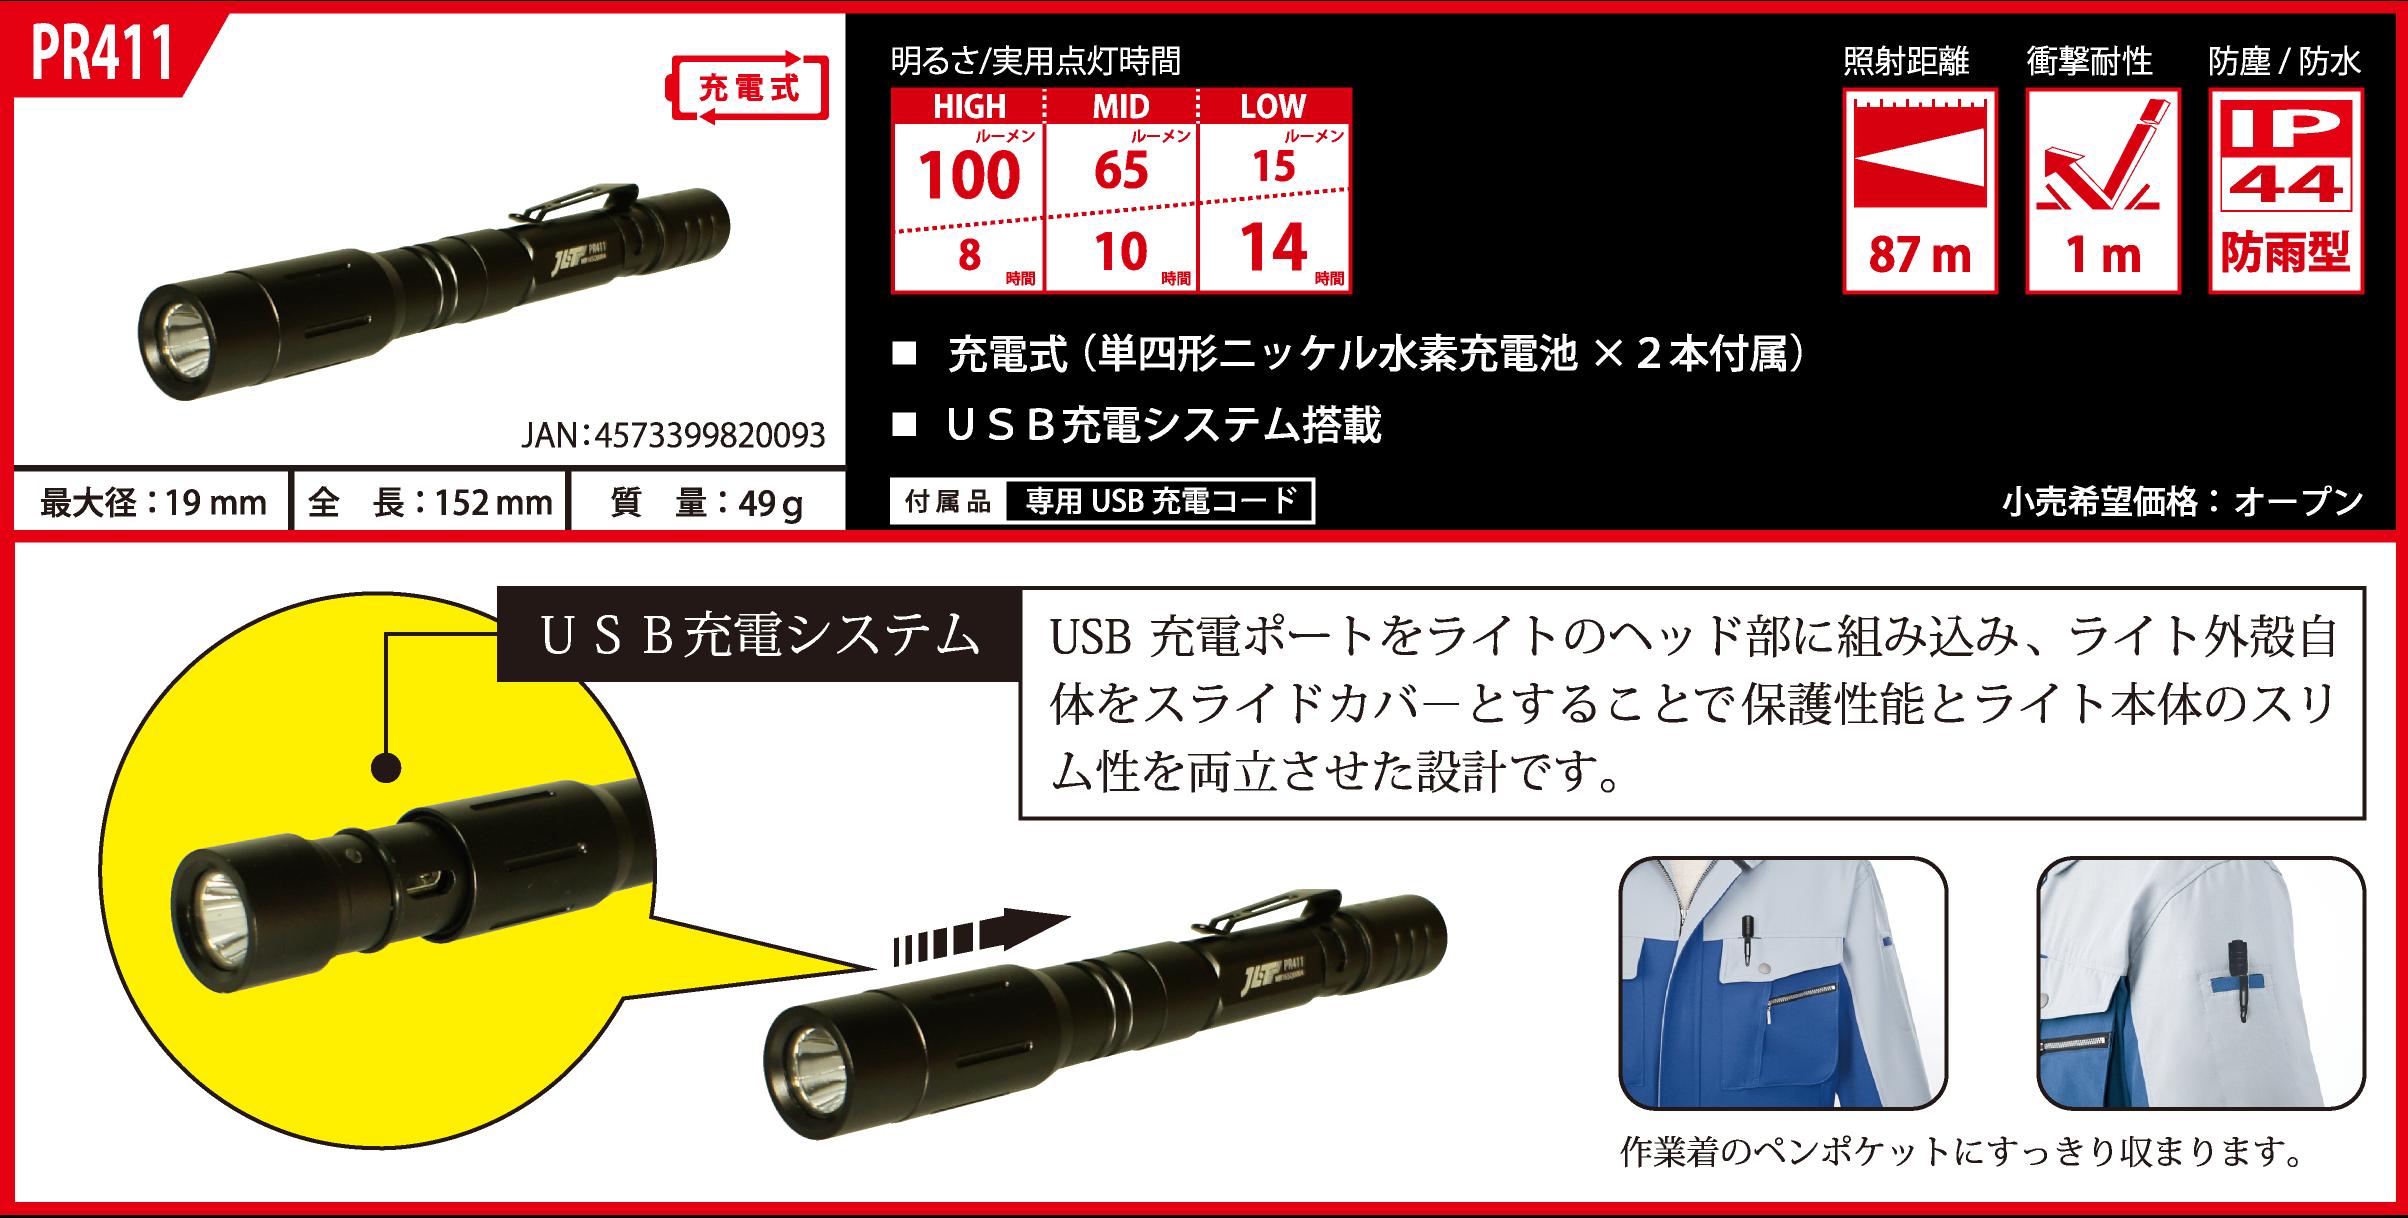 製品_PR411